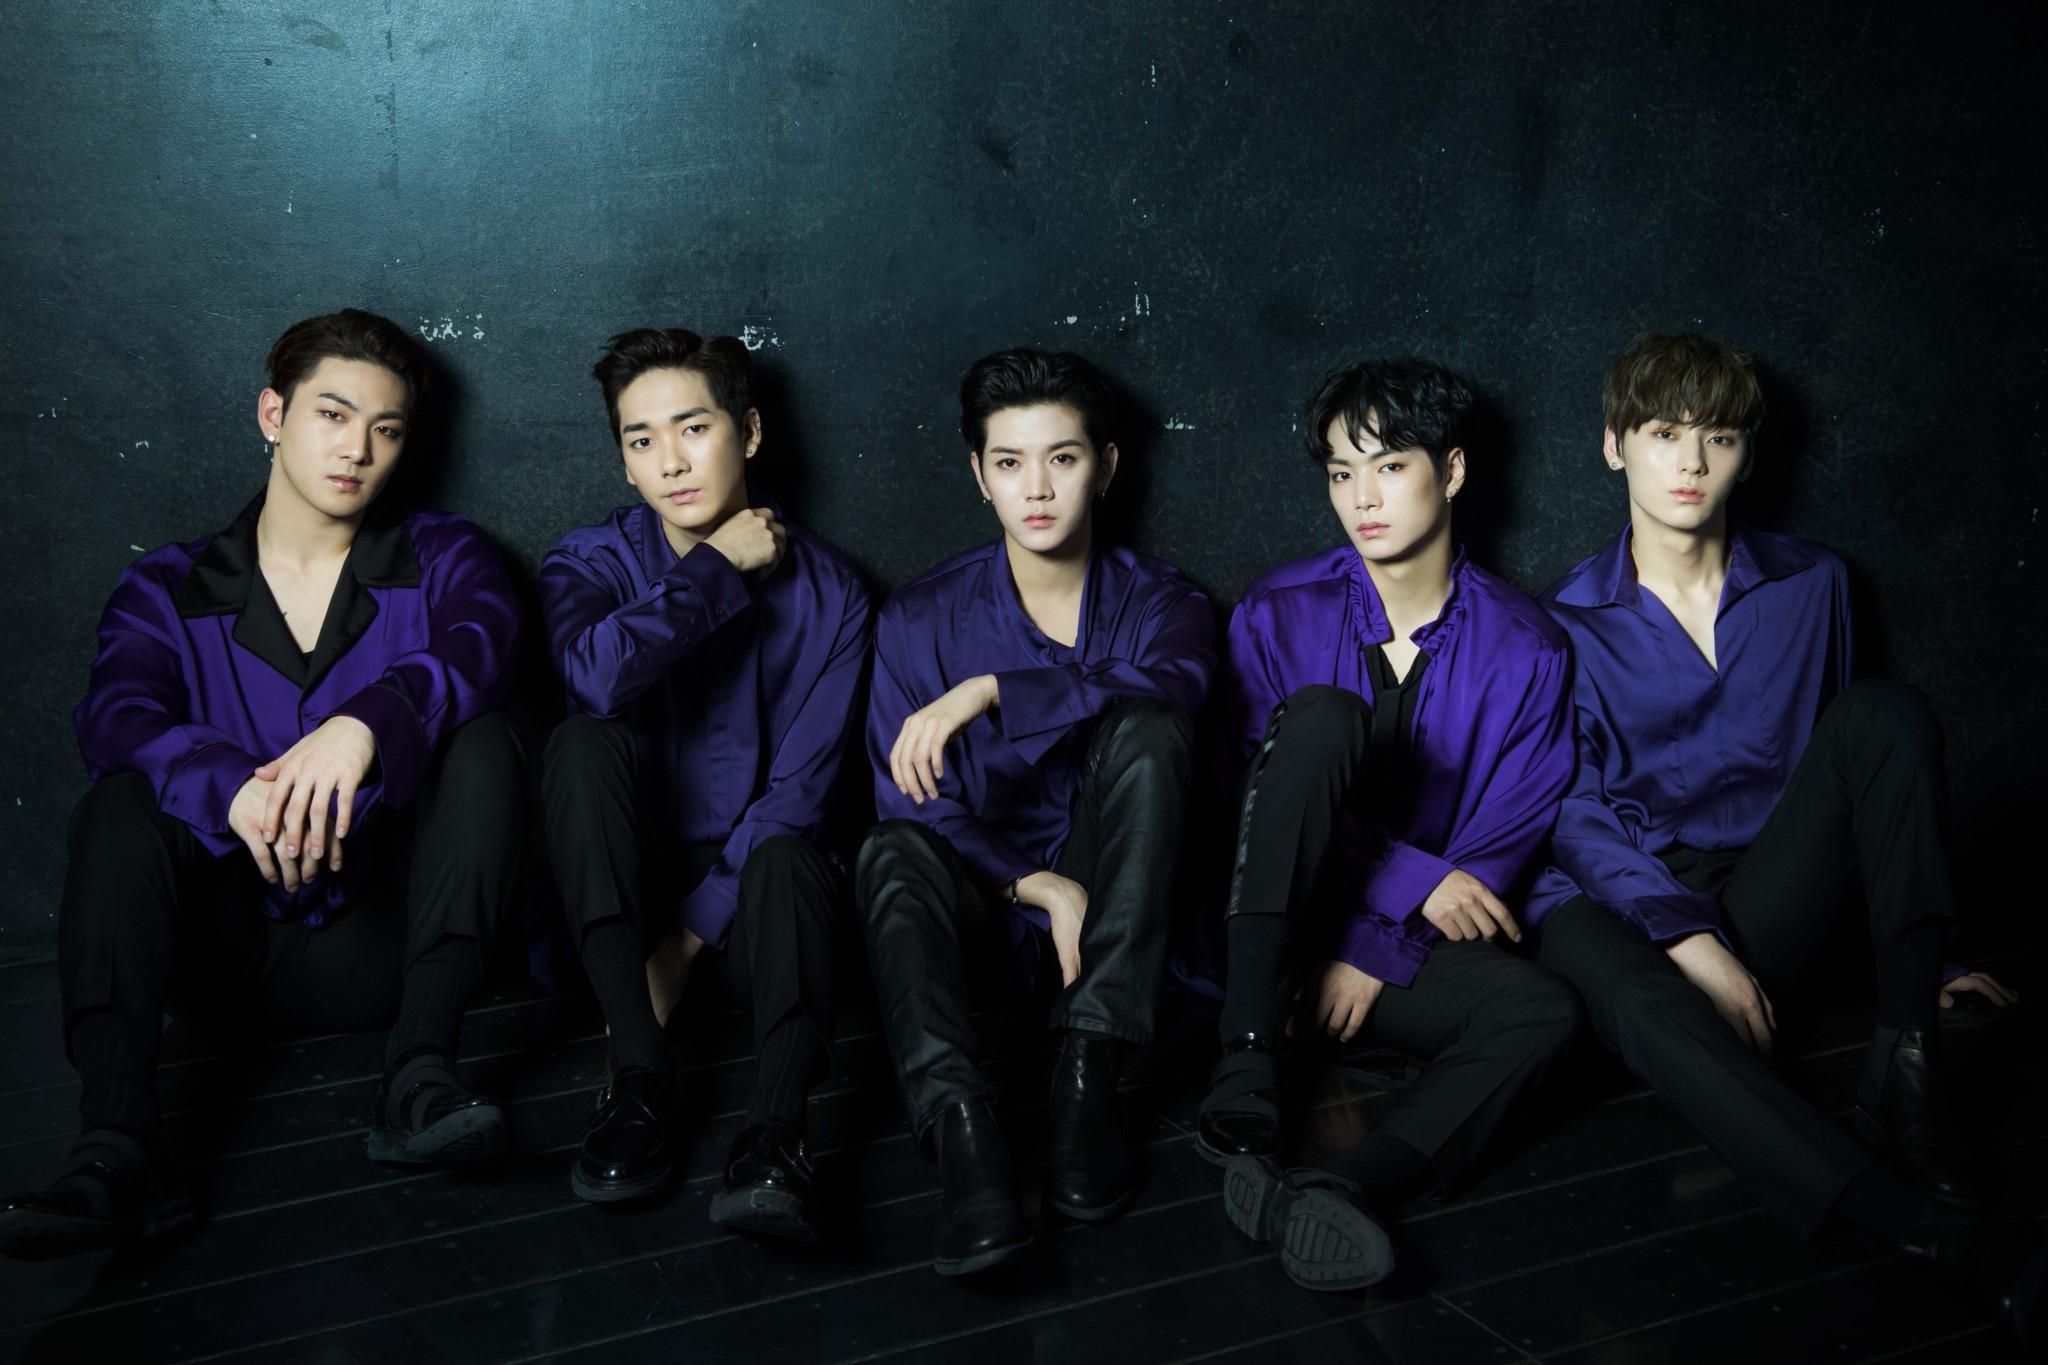 左からベクホ、アロン、レン、JR、ミンヒョン。